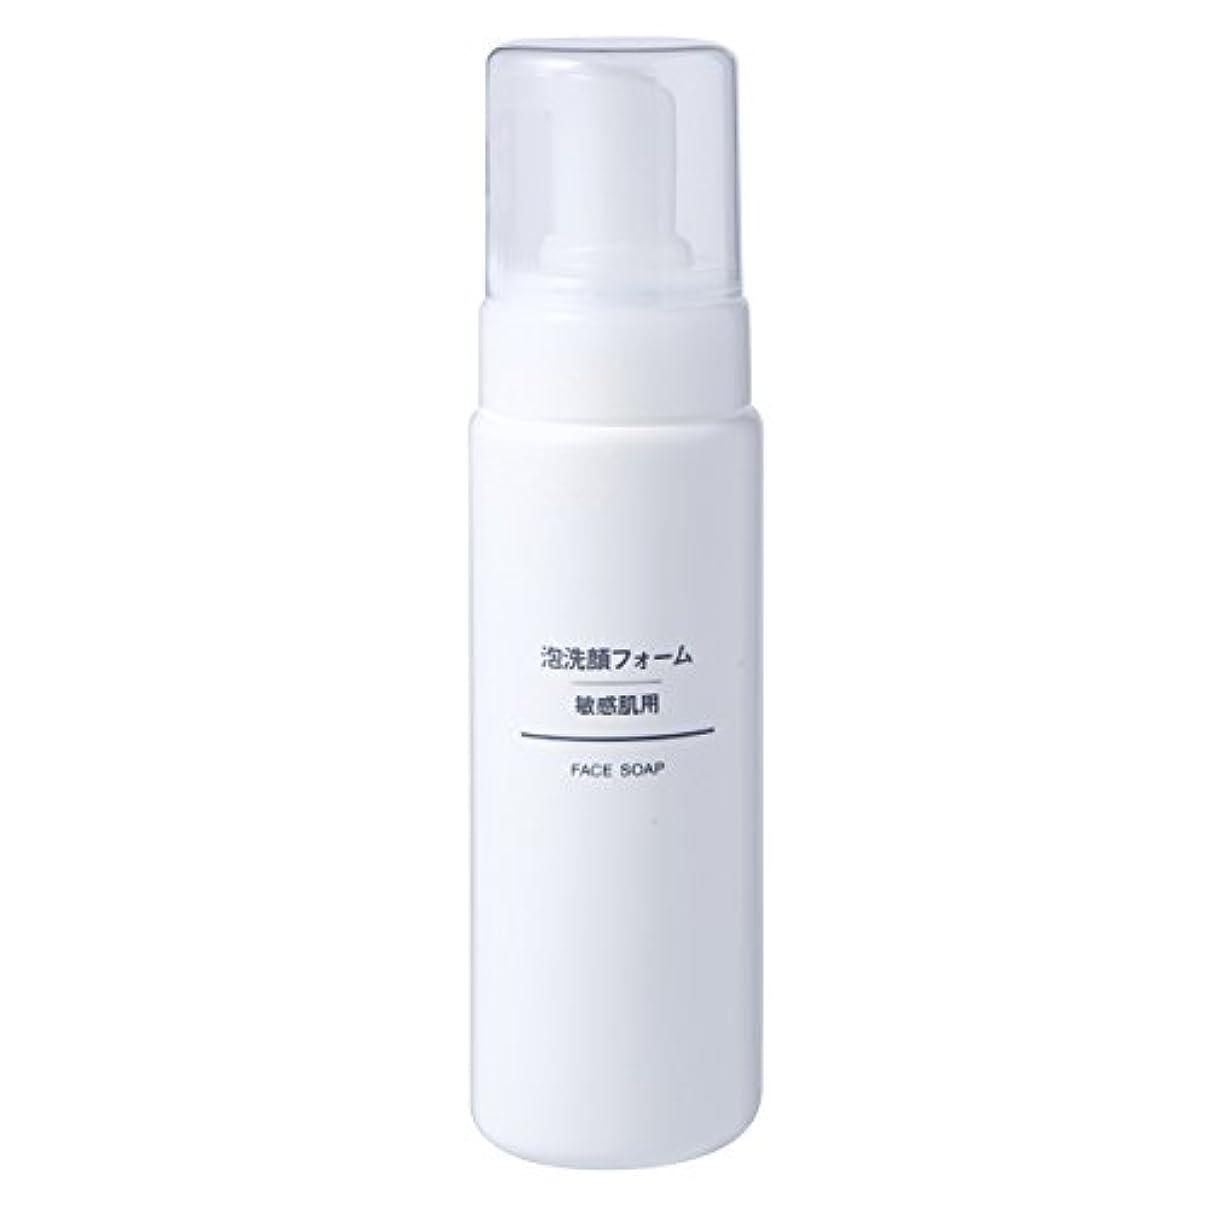 簡単に足音マーチャンダイジング無印良品 泡洗顔フォーム 敏感肌用 200ml